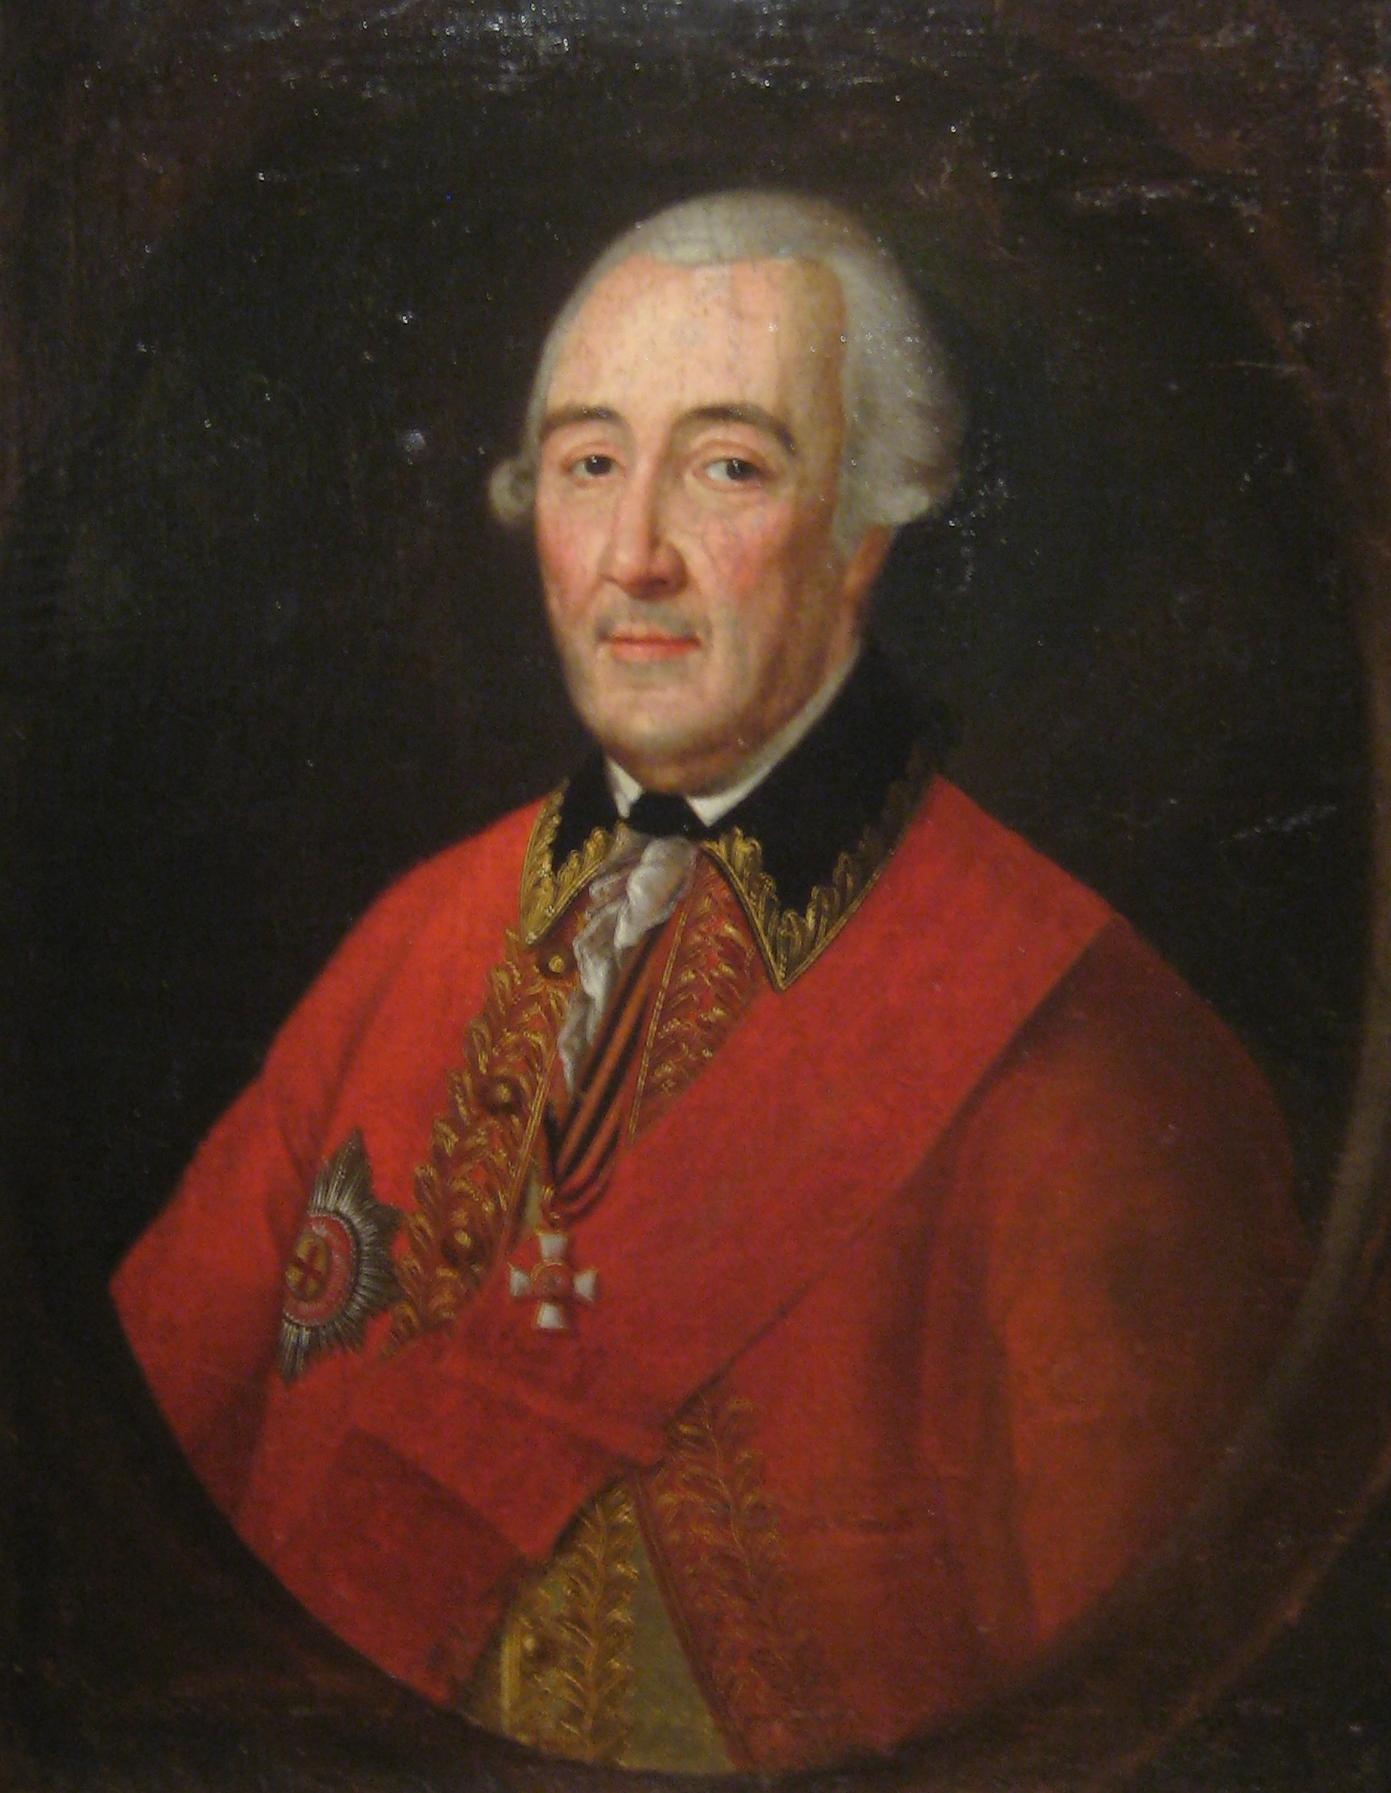 Ο Έλληνας στρατηγός του Ρωσικού στρατού, Πέτρος Μελισσηνός